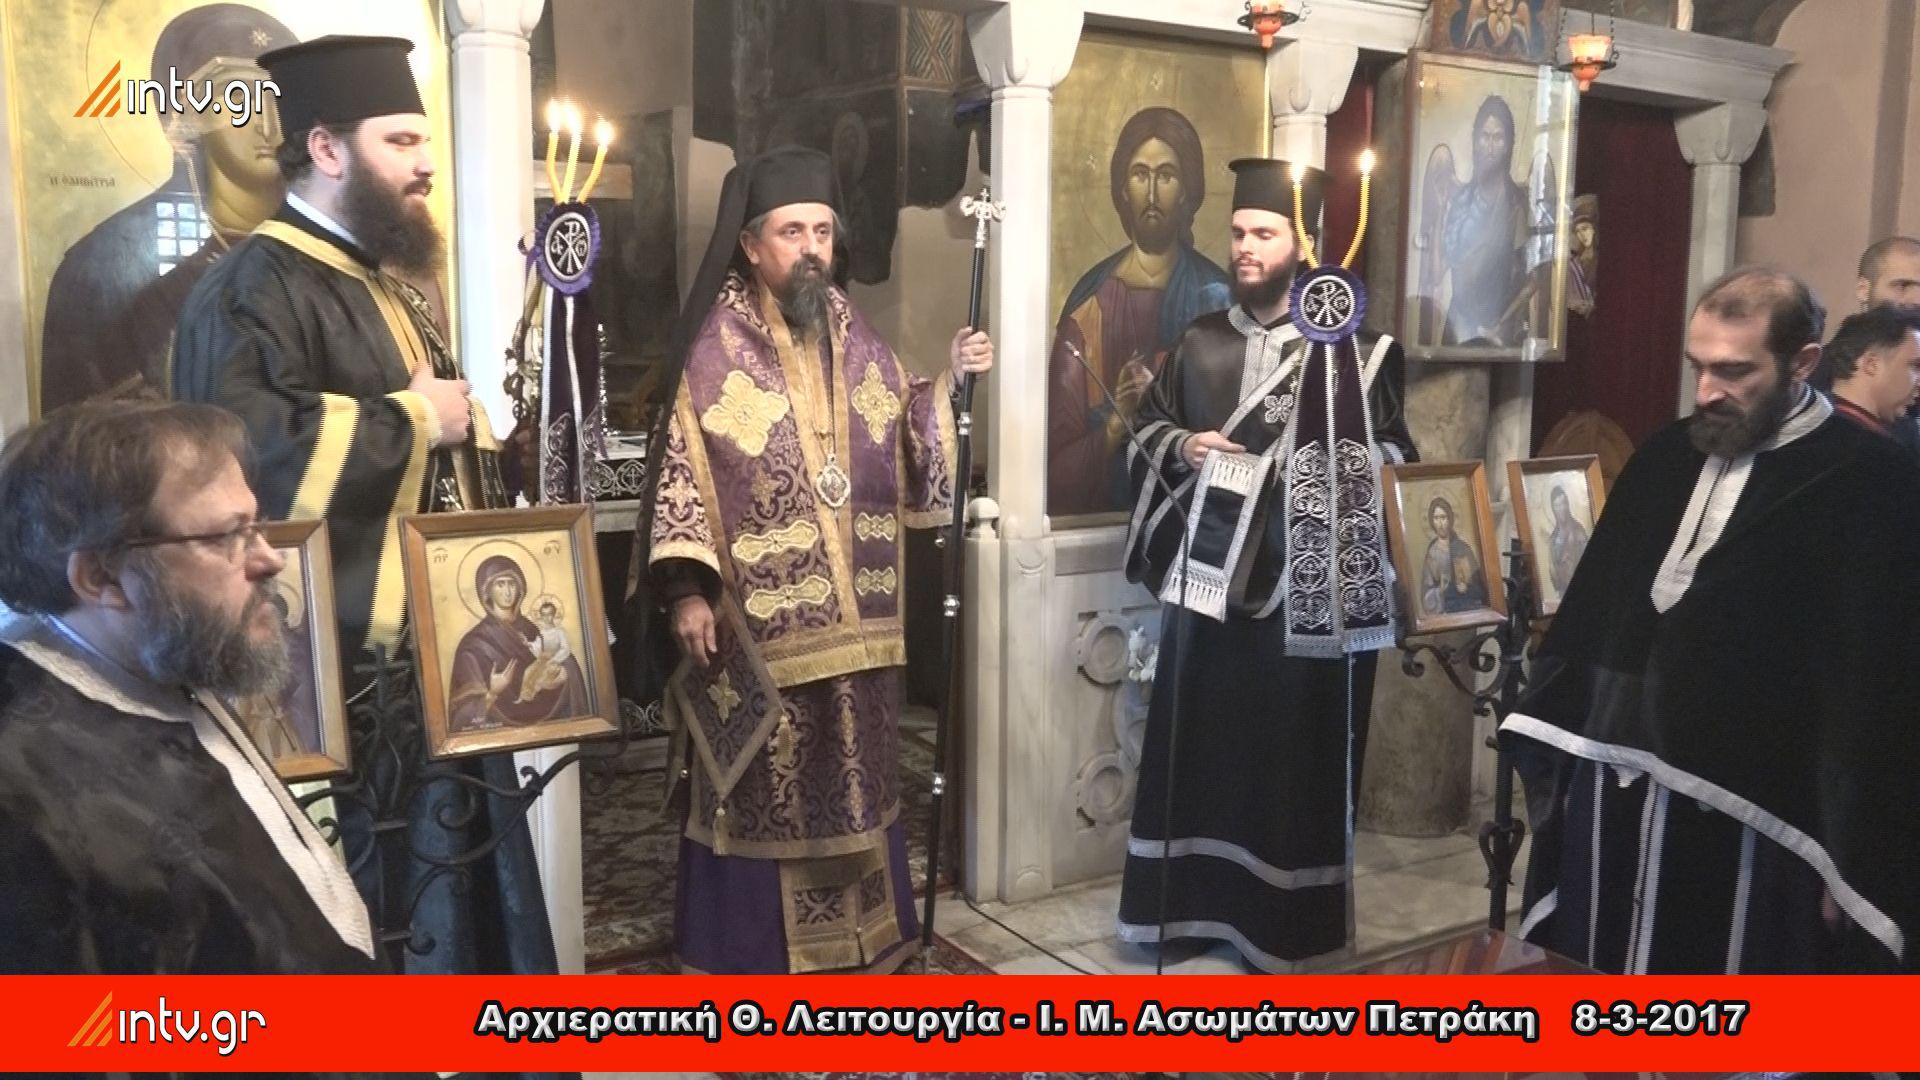 Αρχιερατική Θ. Λειτουργία - Ι. Μ. Ασωμάτων Πετράκη   8-3-2017